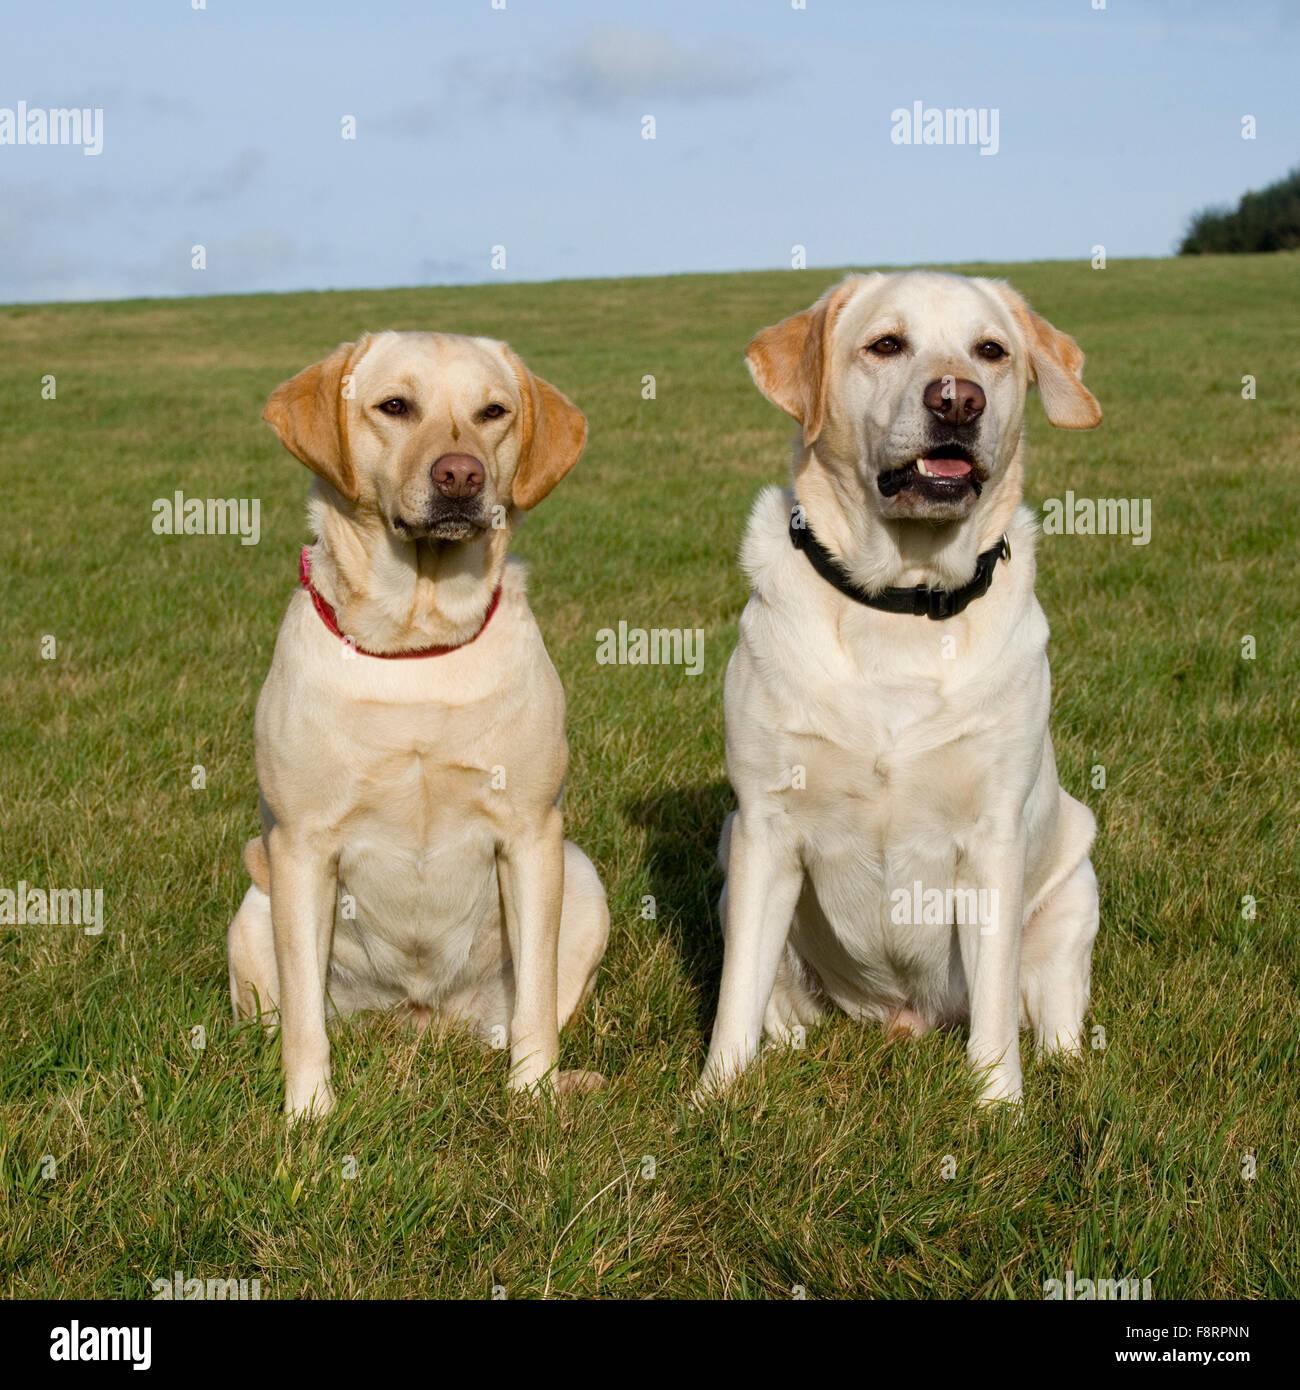 two yellow labrador retrievers - Stock Image